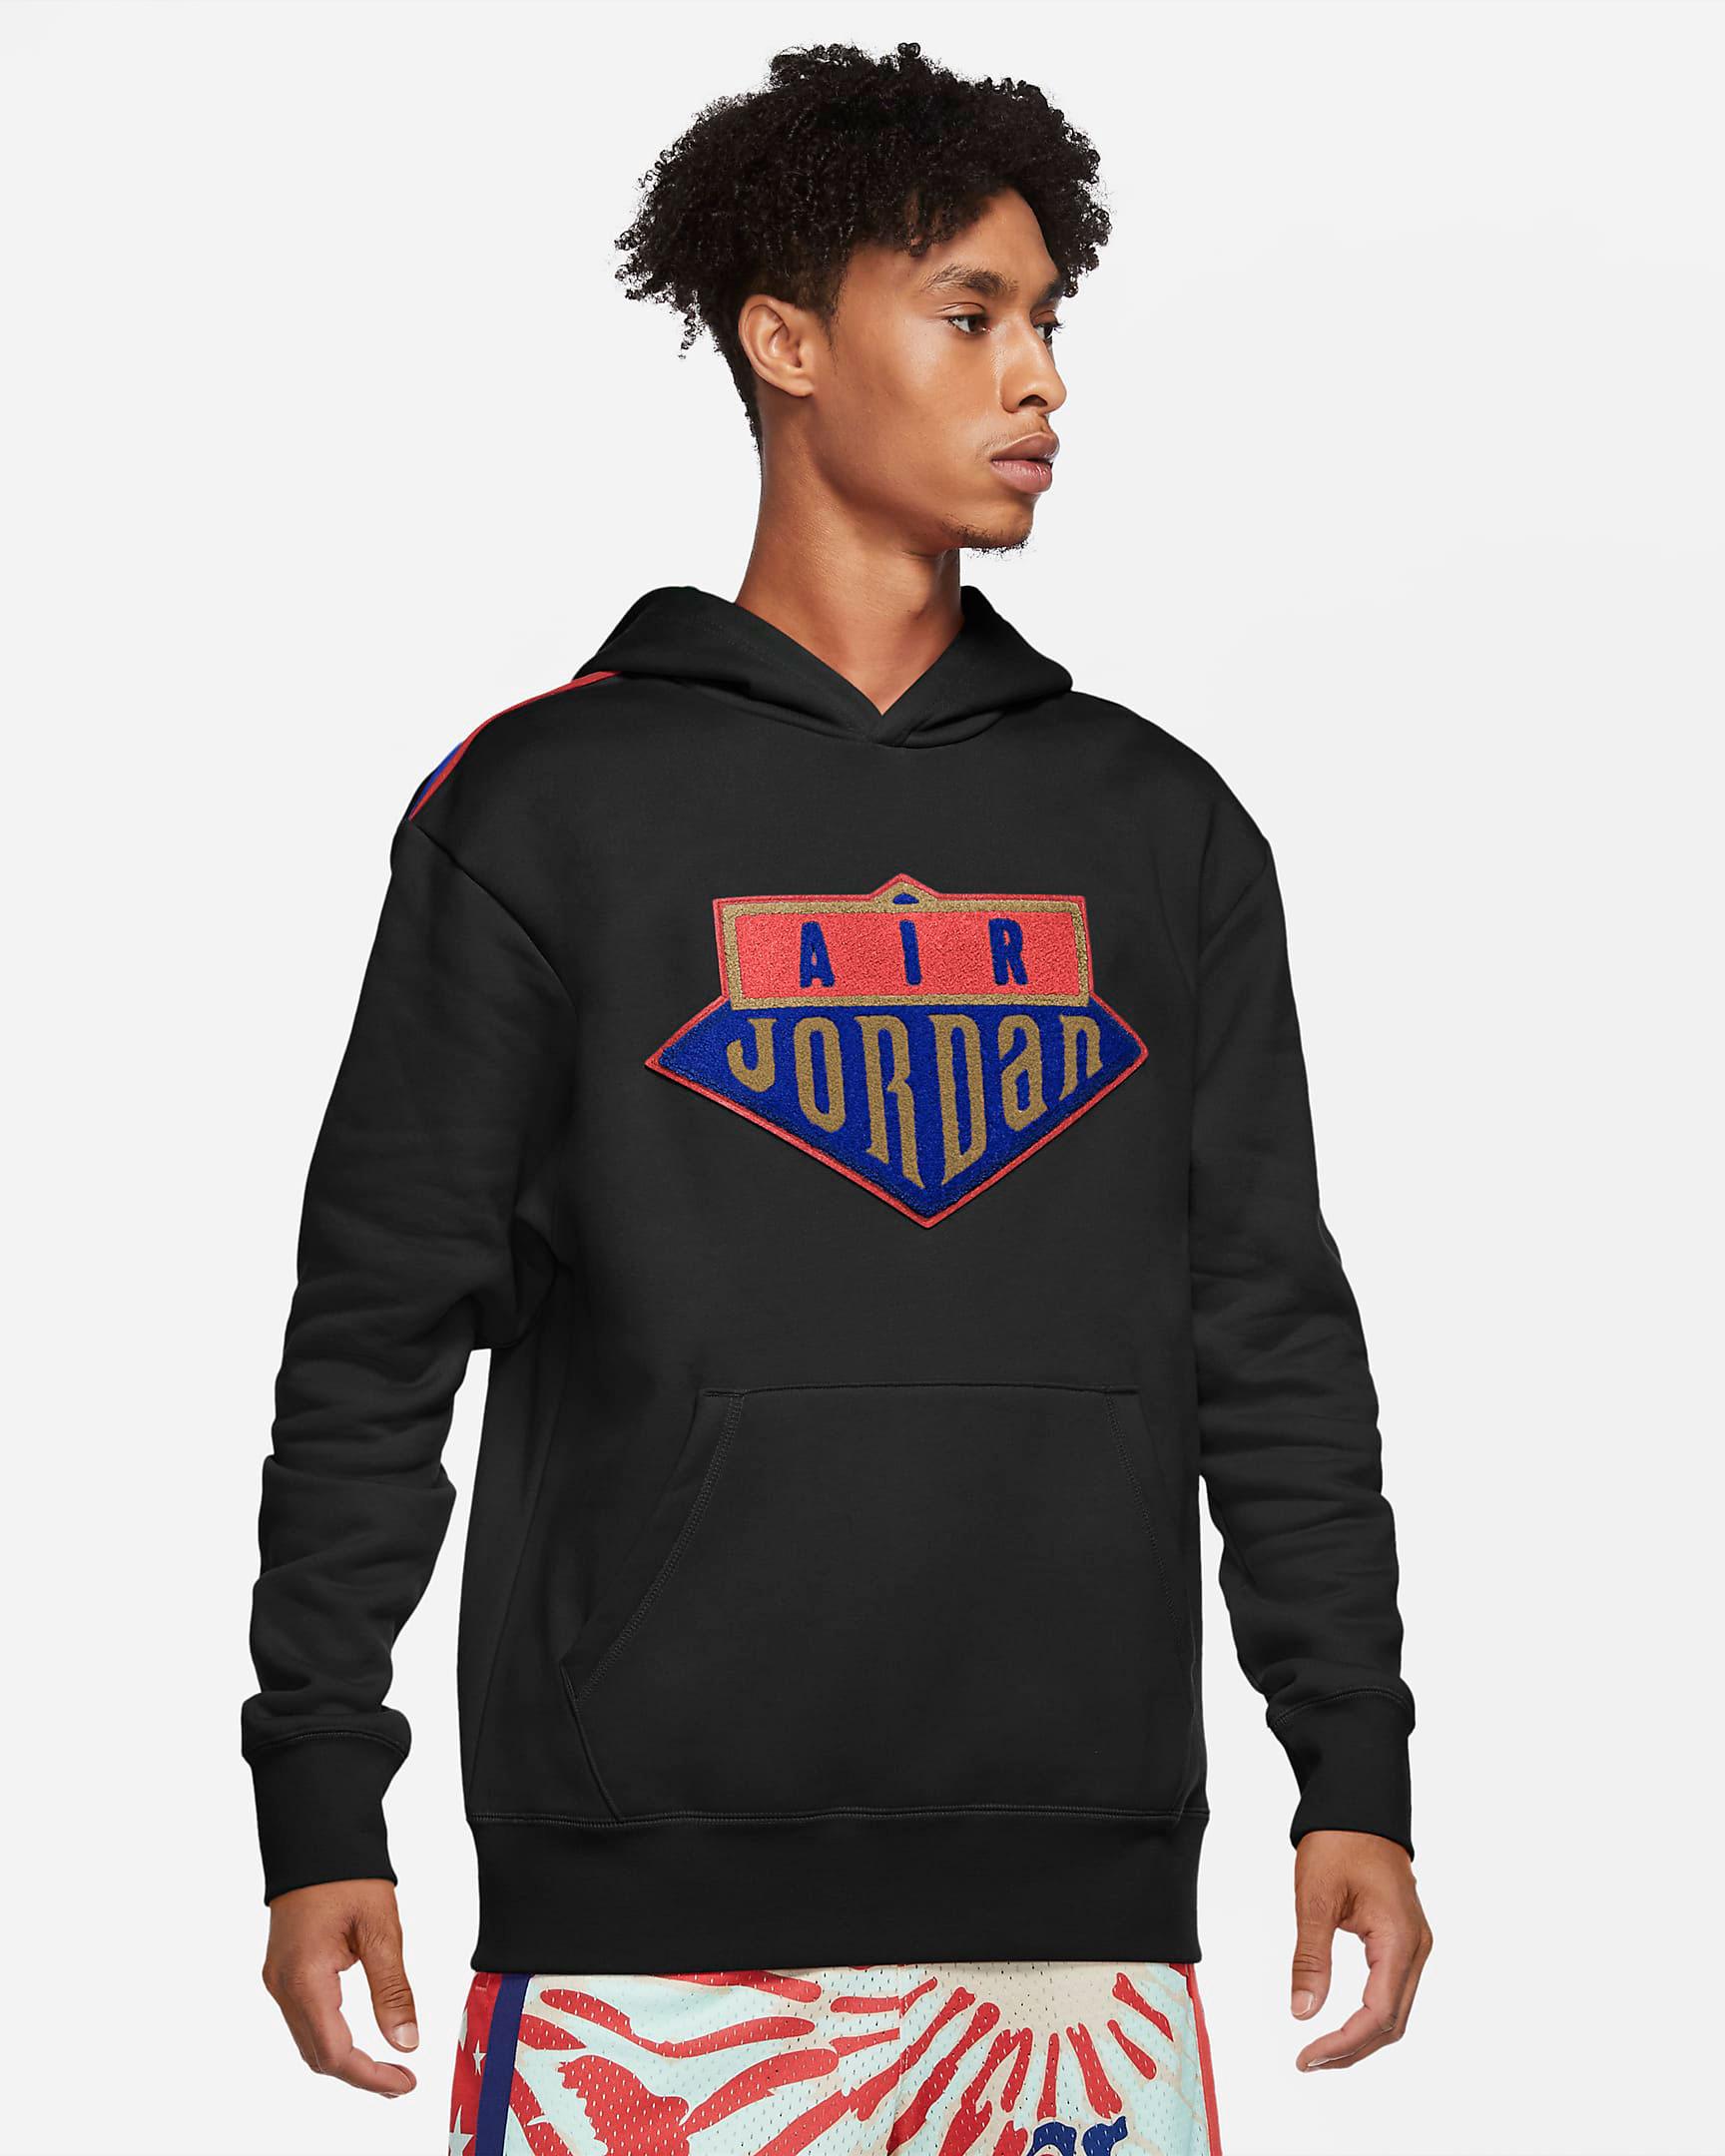 jordan-sport-dna-black-royal-blue-red-hoodie